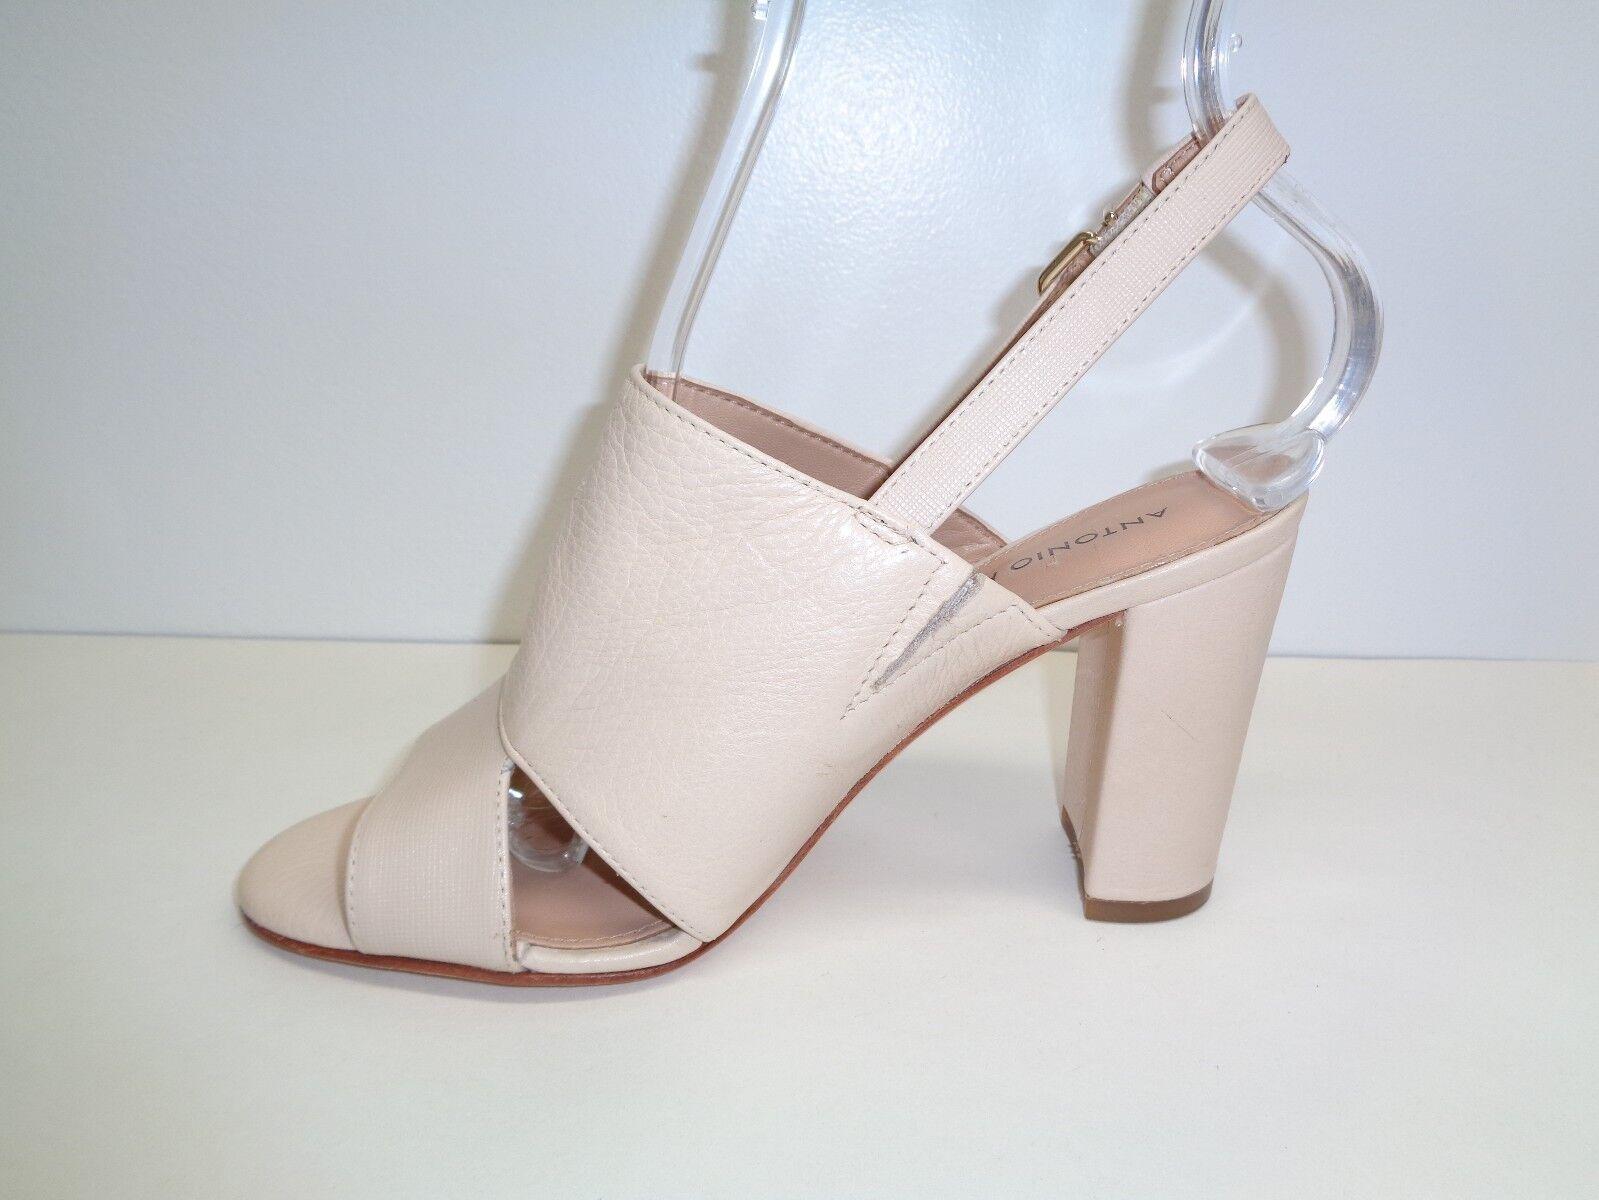 Antonio Melani Größe 6 M HAINES HAINES M Beige Leder Heels Sandales New Damenschuhe Schuhes 97b3bc